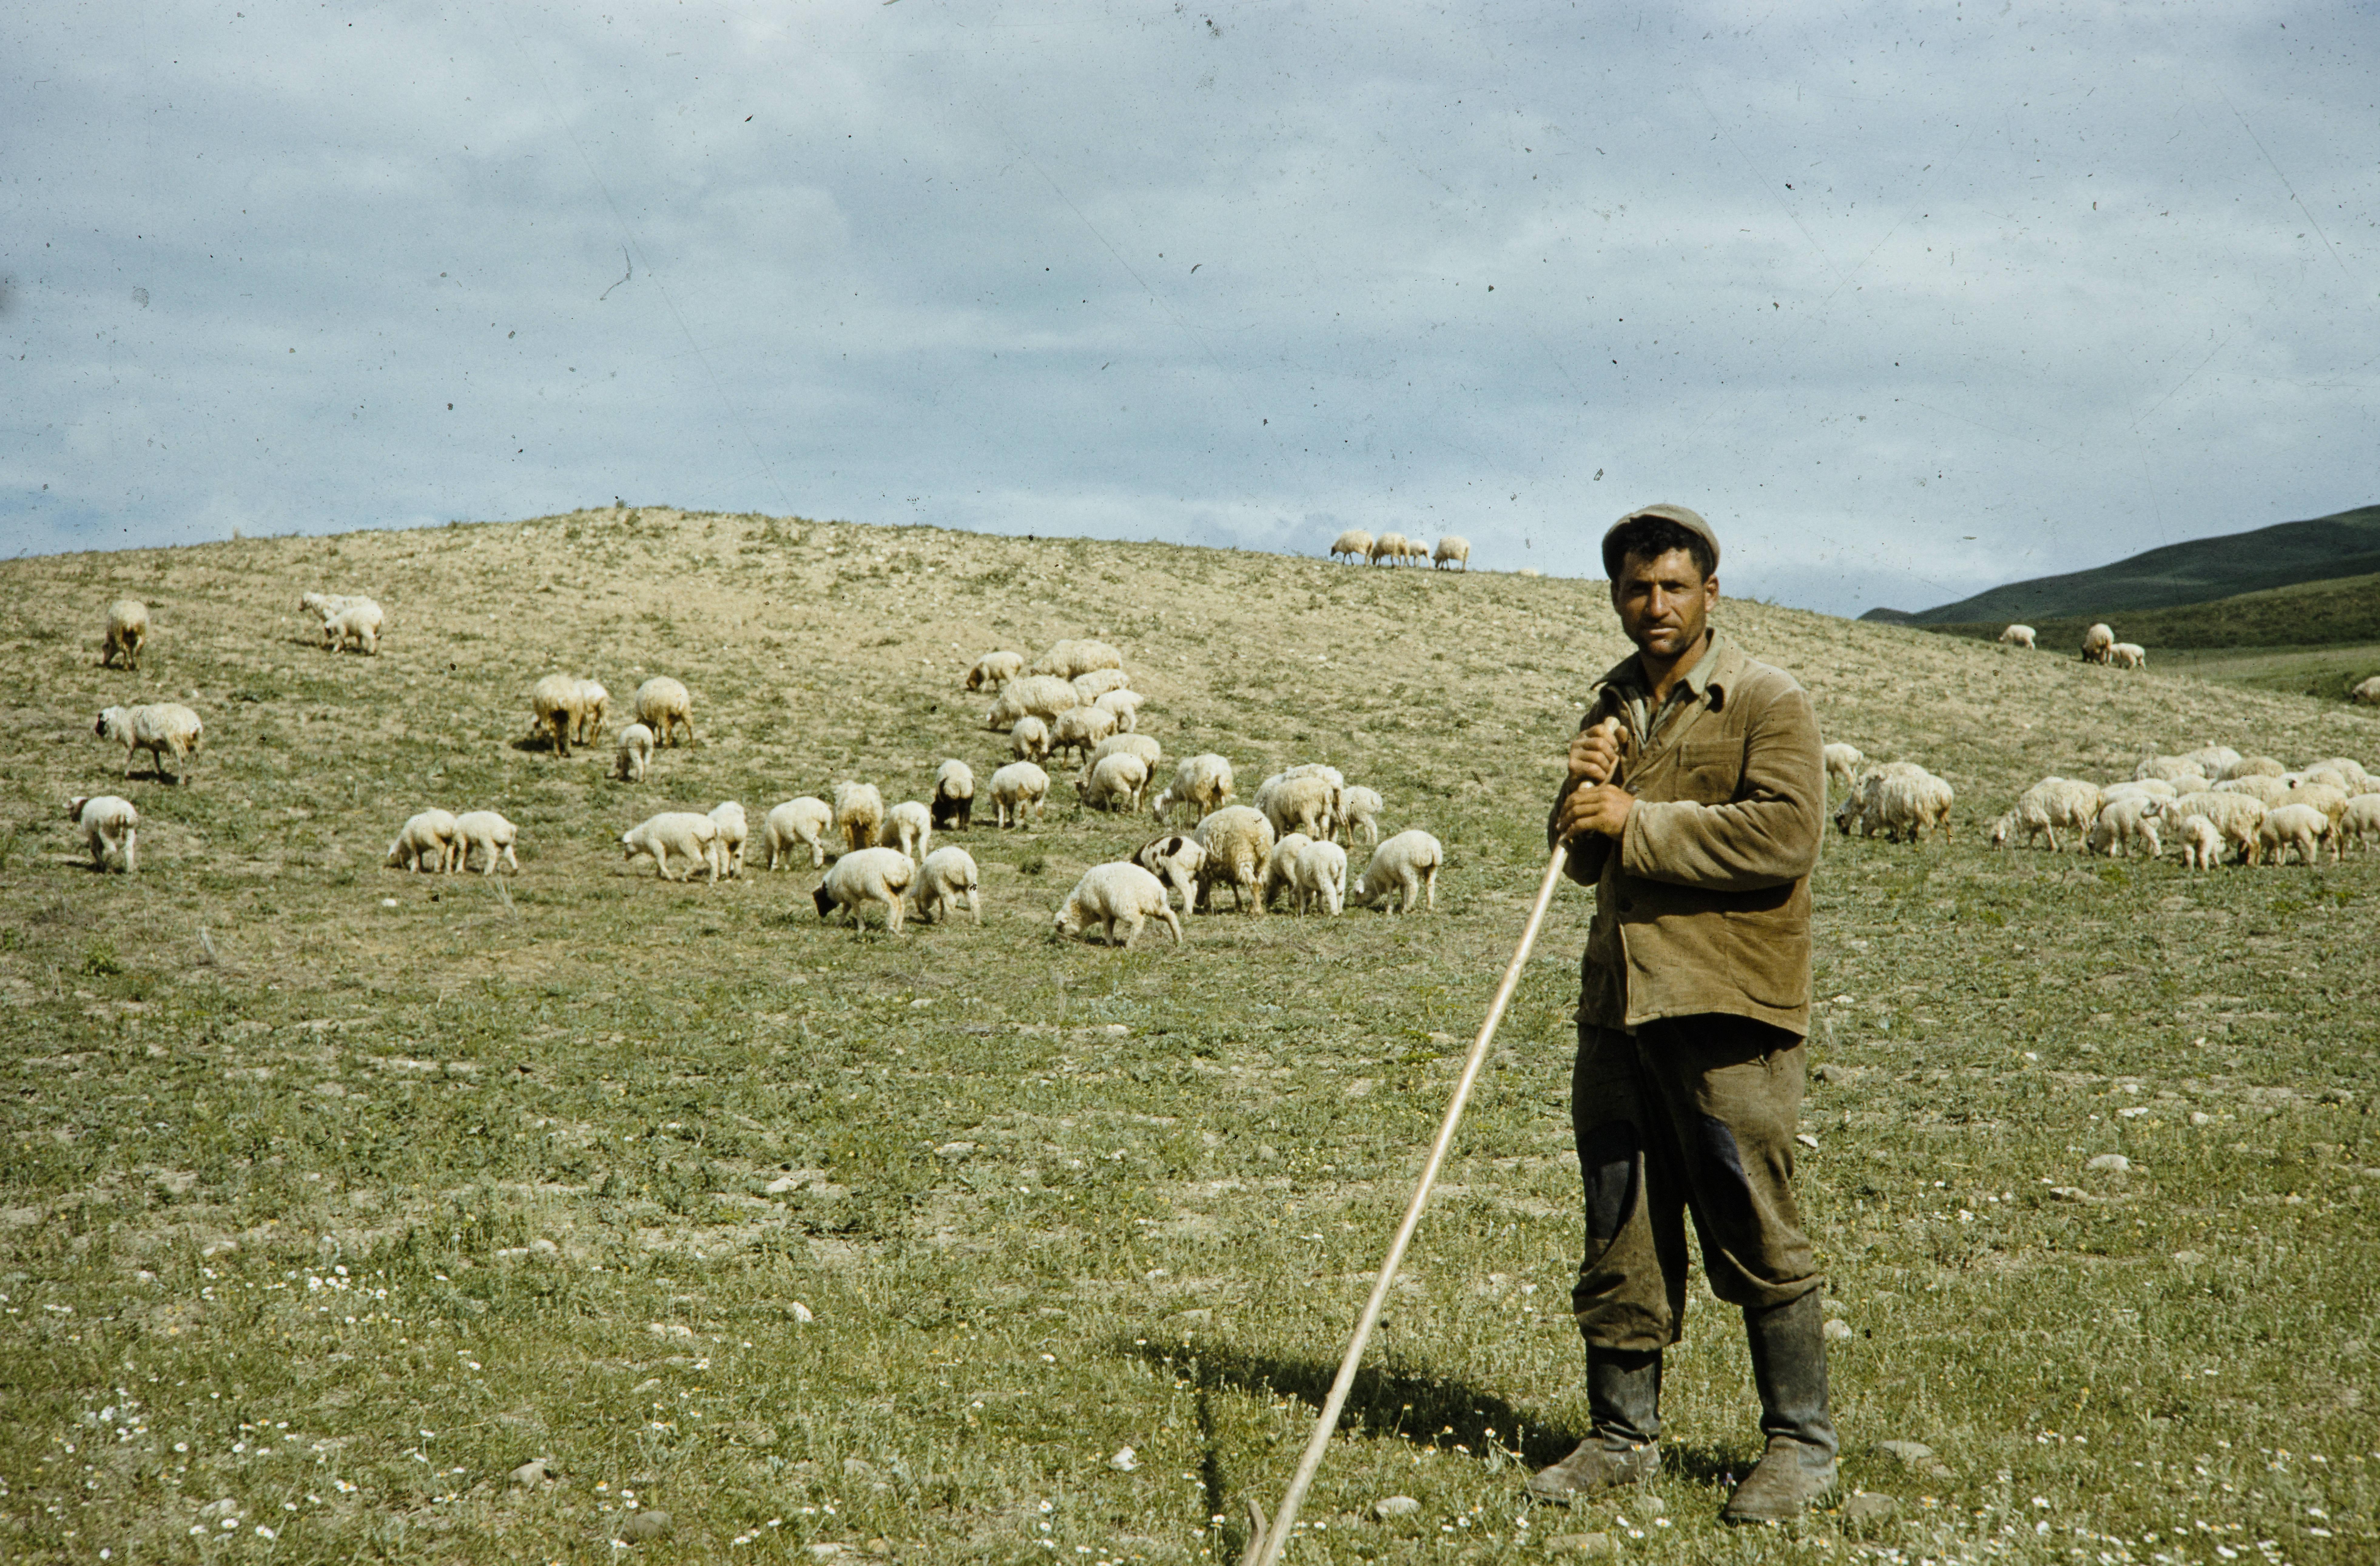 Пастух со стадом на склоне холма